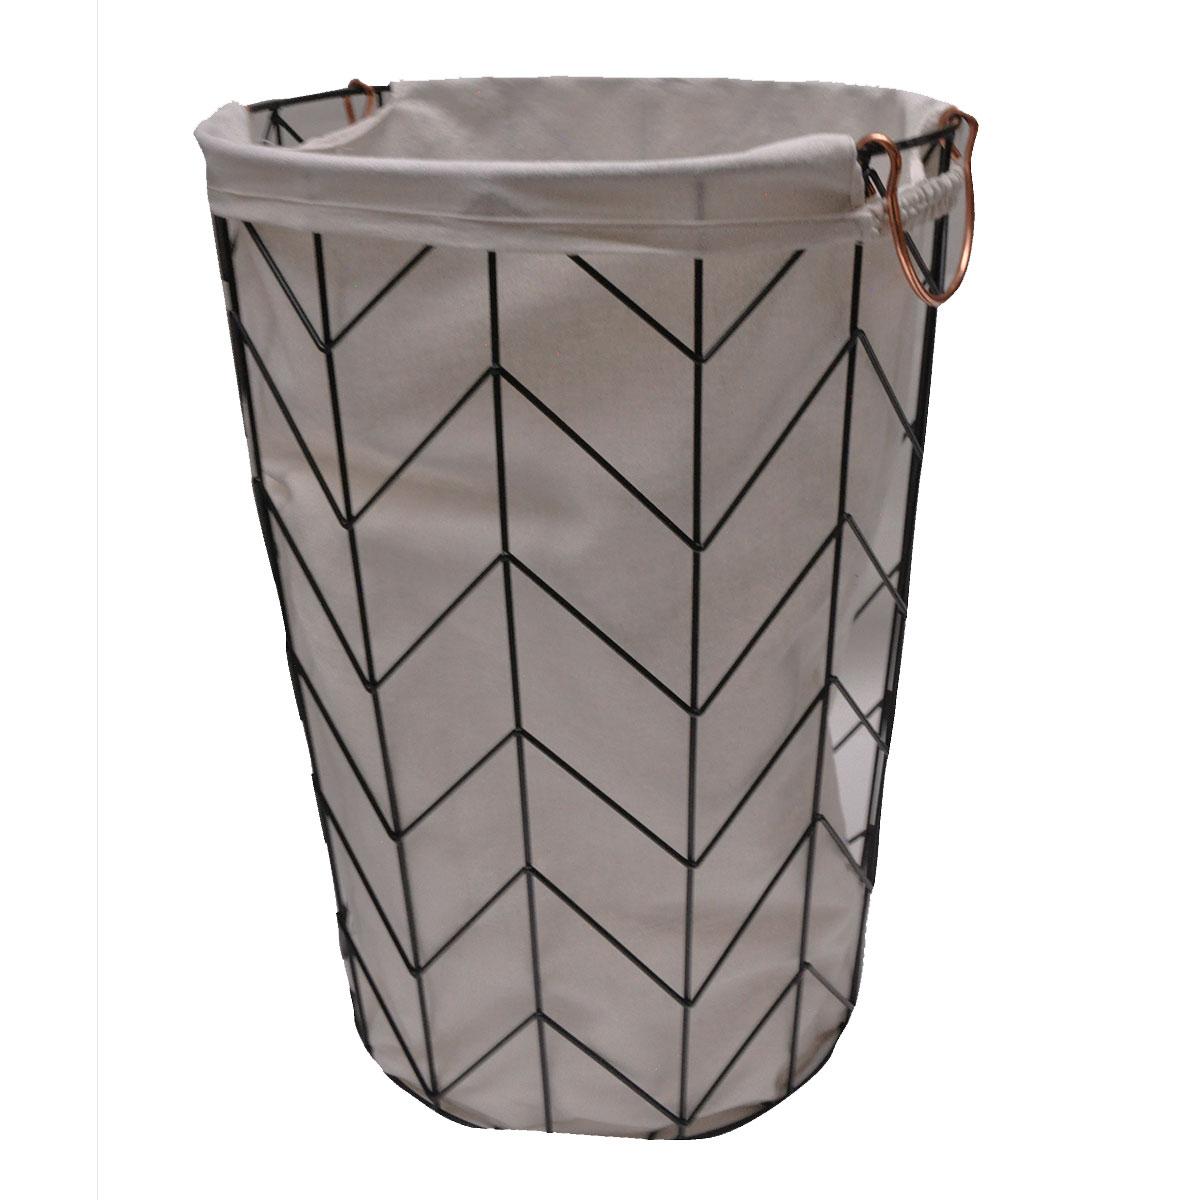 Lingère en métal géométrique avec sac en tissu métal noir et cuivre